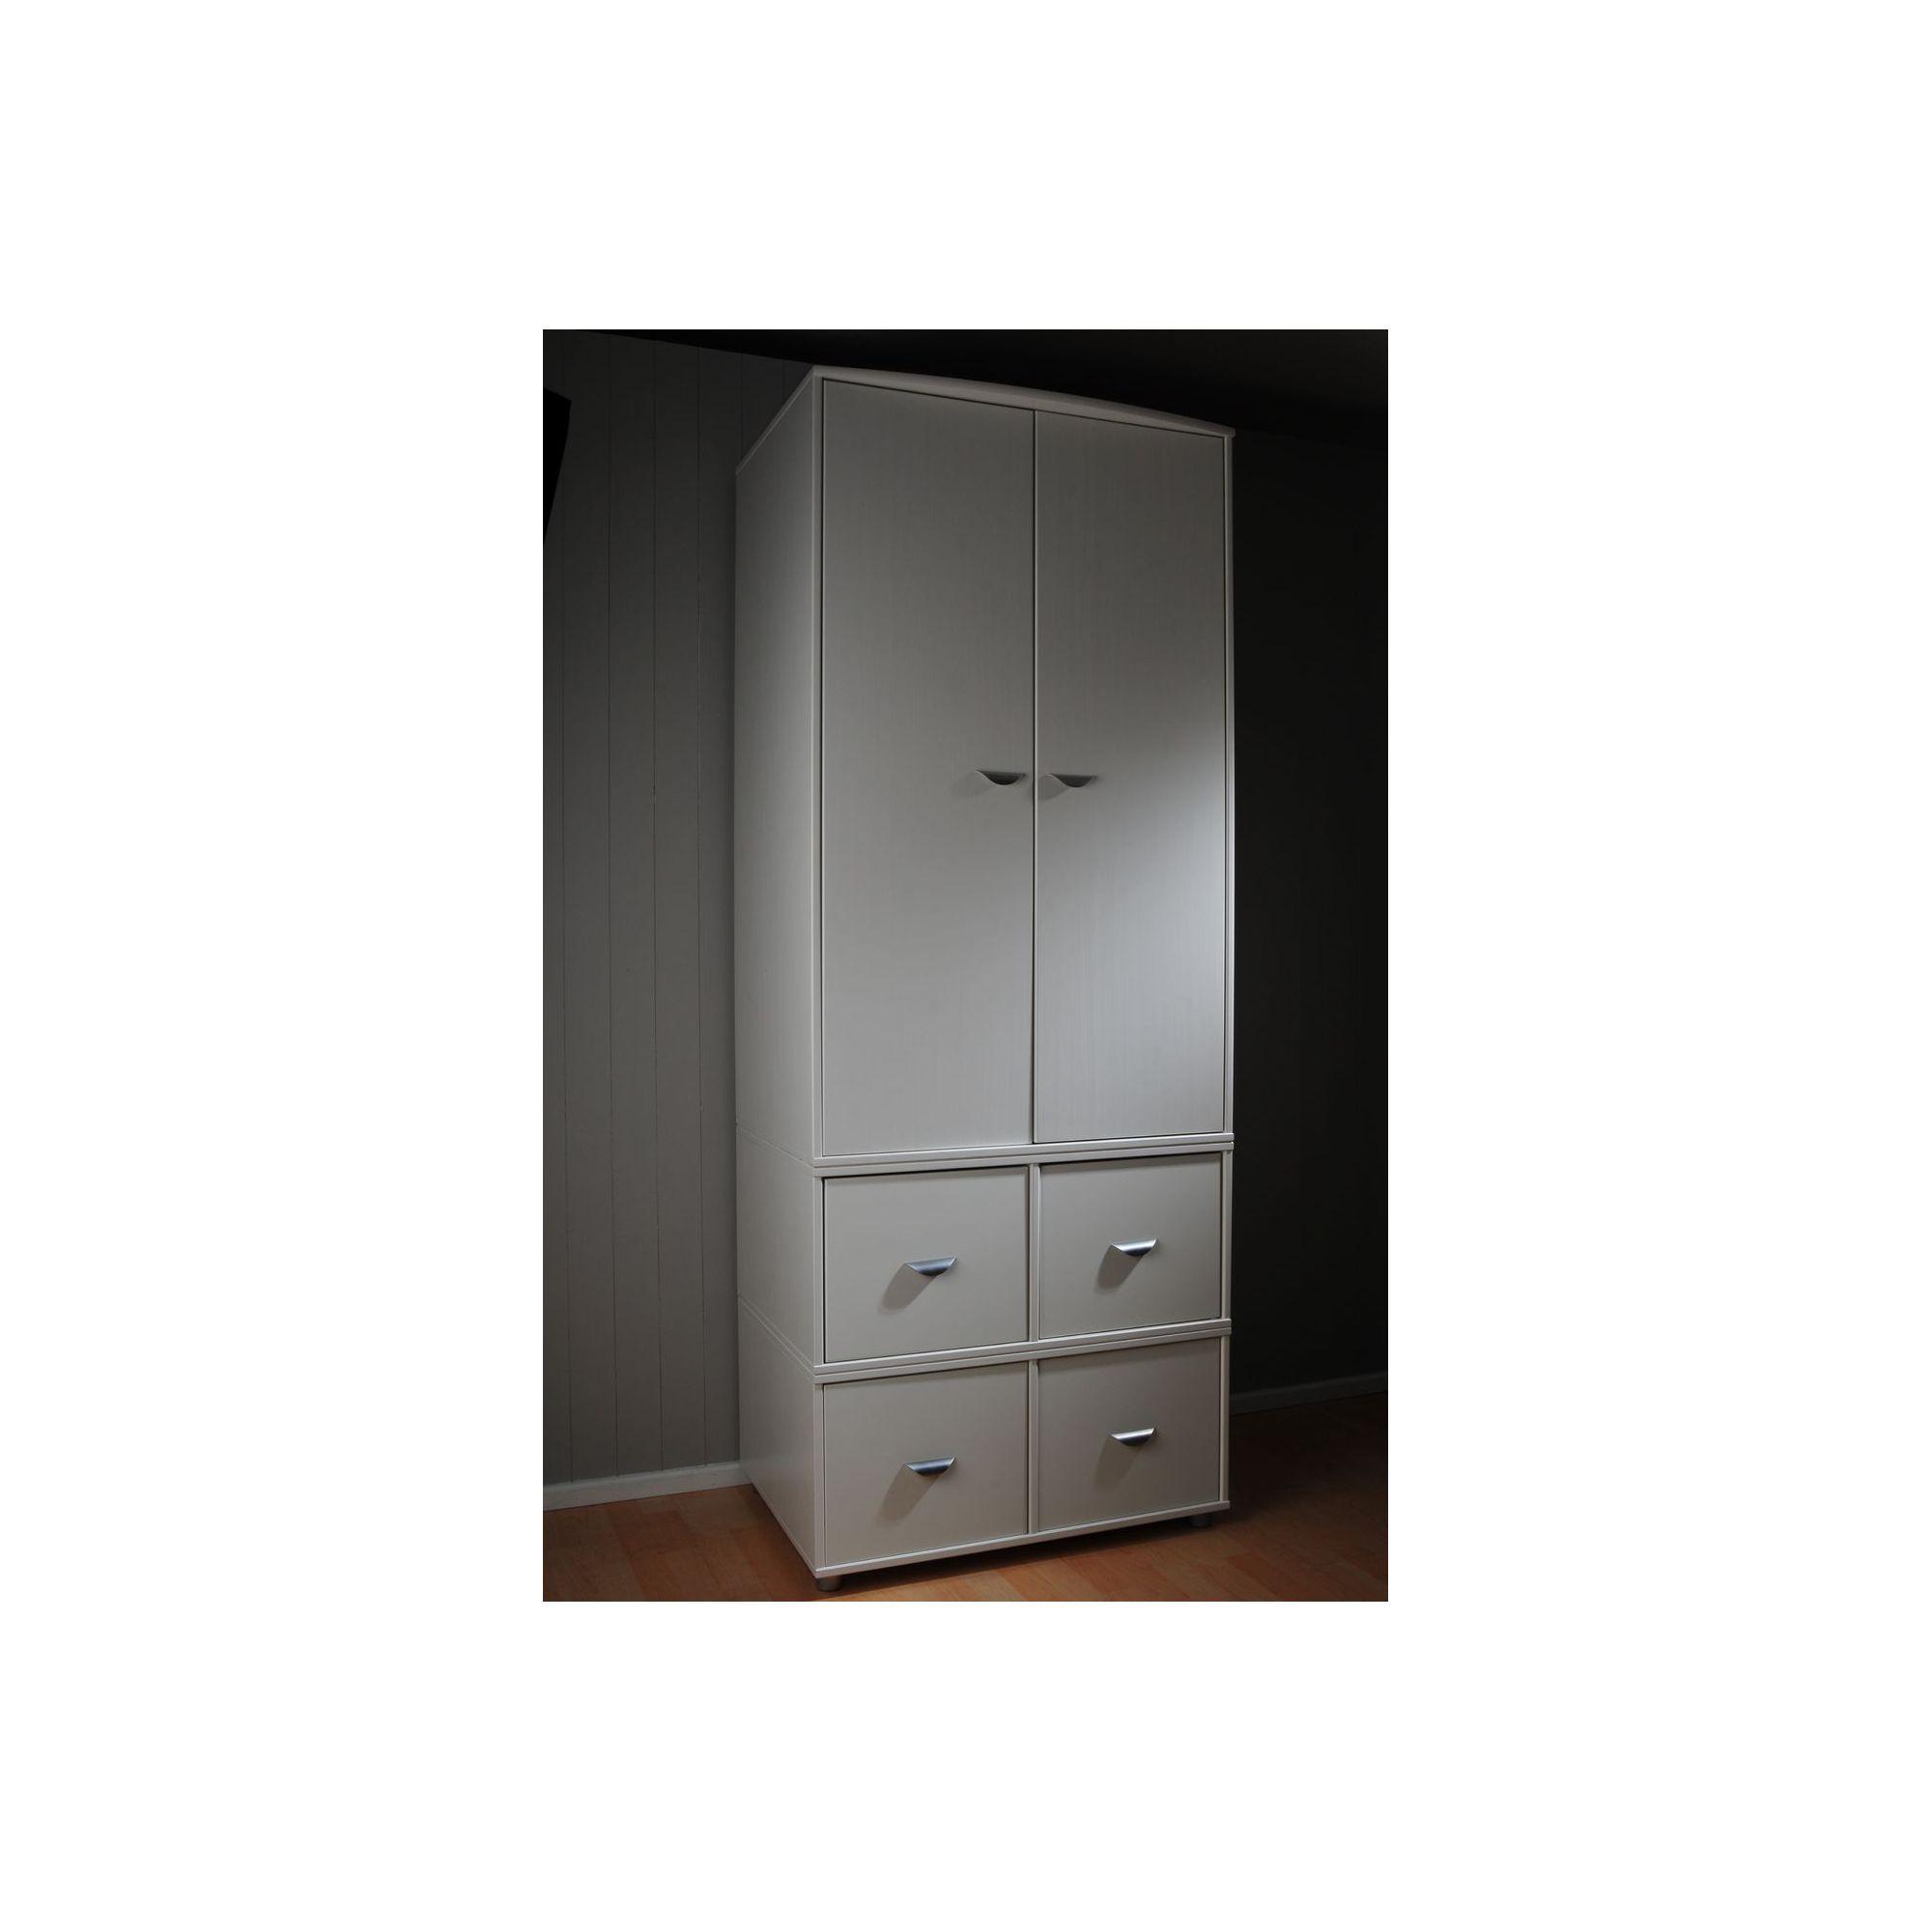 Stompa 2 Door 4 Drawer Wardrobe - White - Lilac at Tesco Direct